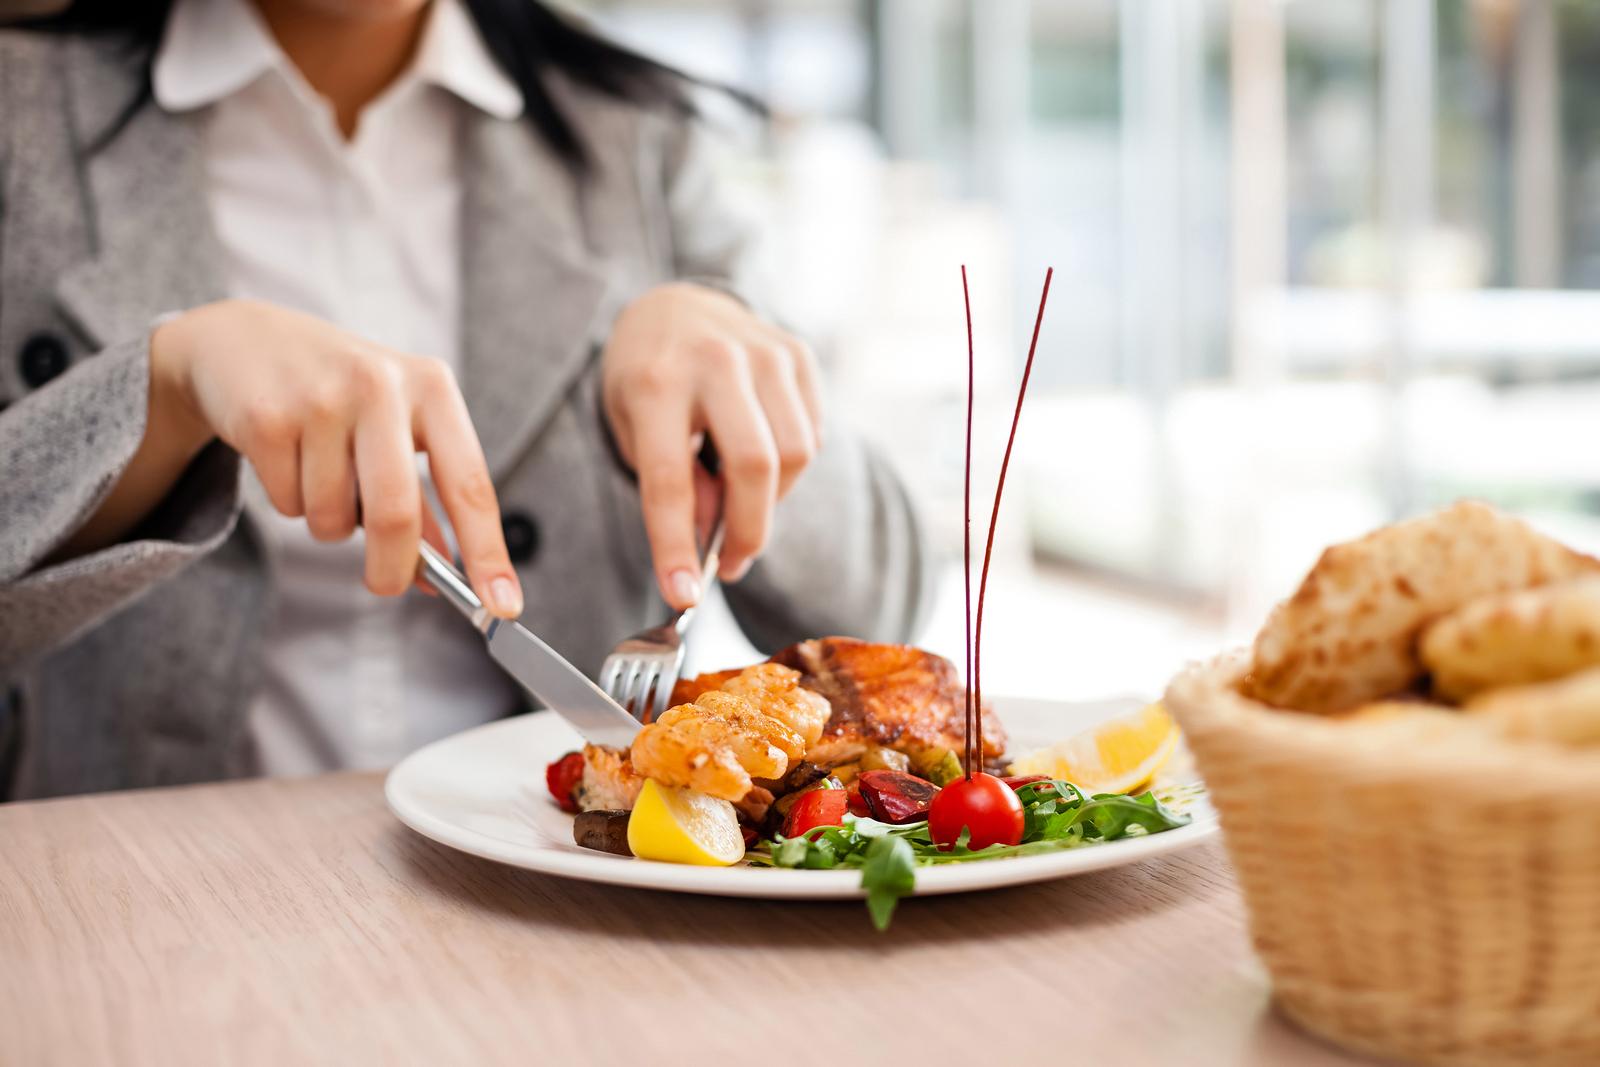 dùng dao khi ăn